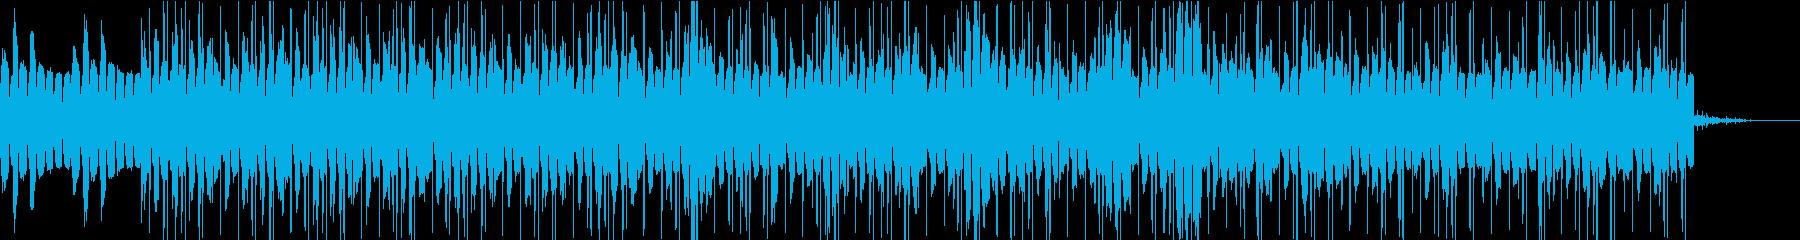 雨の日のChillMusicの再生済みの波形